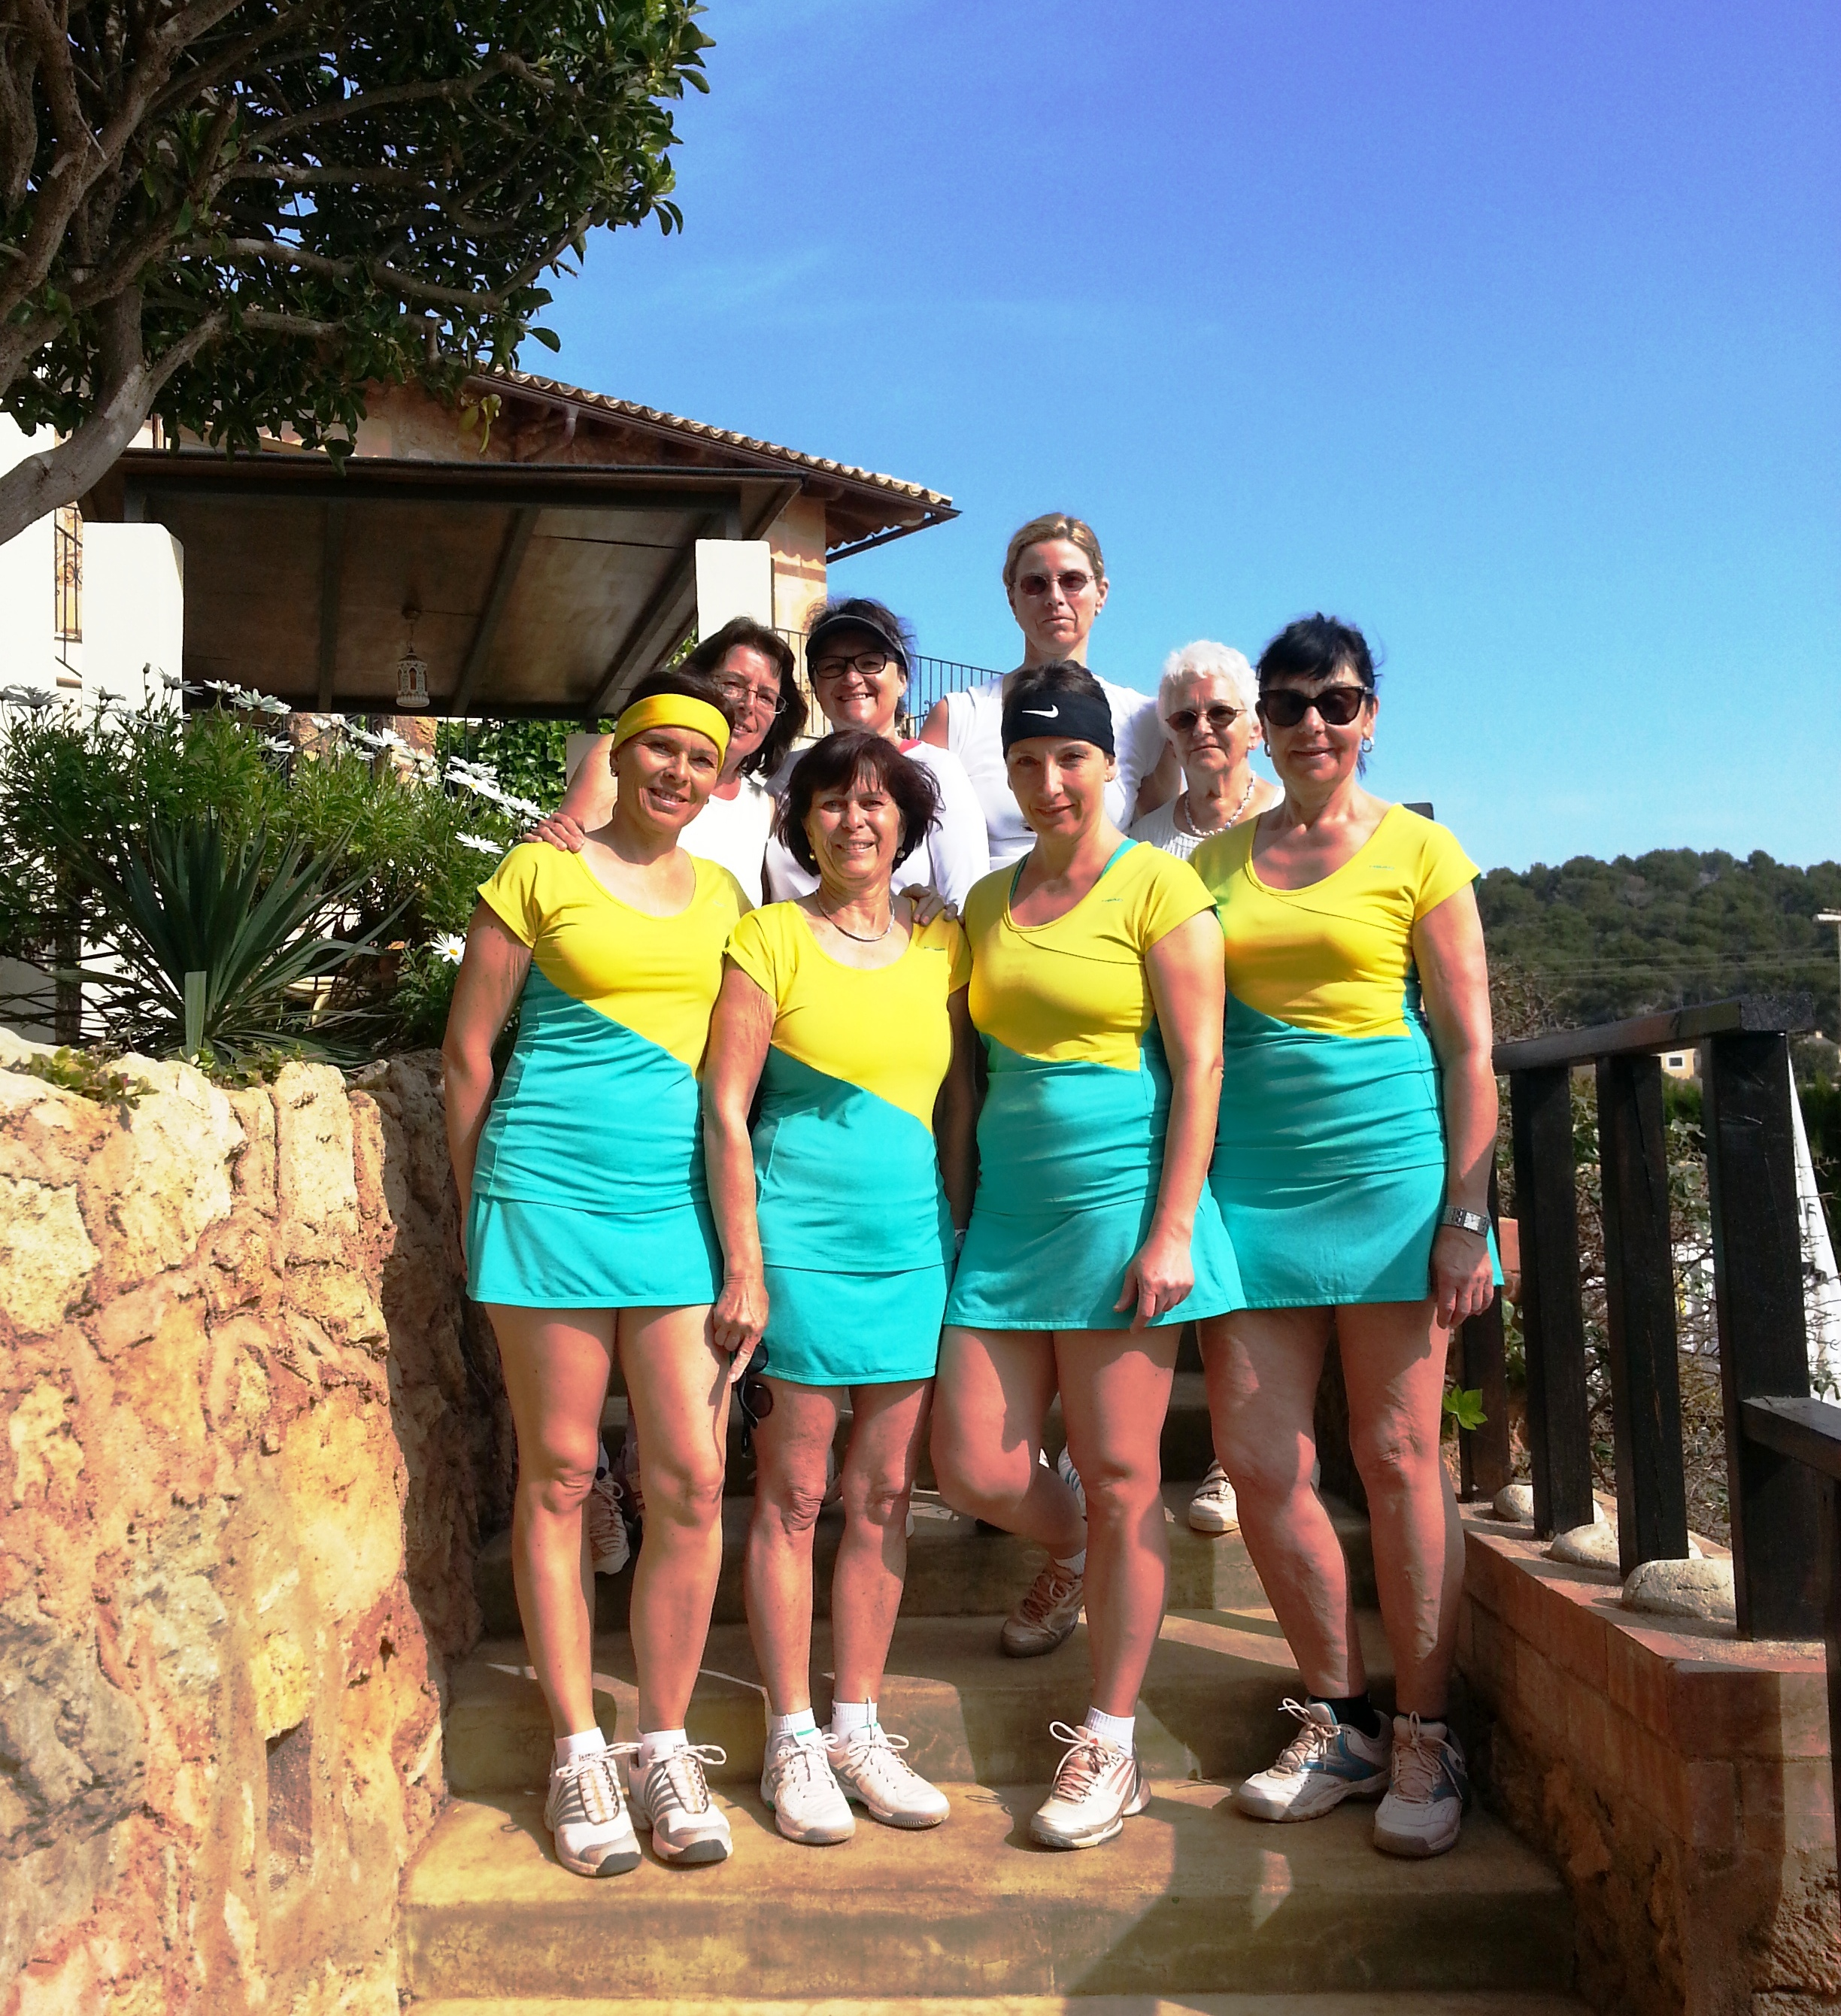 Damen 40: Hinten, von links: Ingrid Schinz, Diana Jakob, Simone Ebert, Inge Pompe.  Vorne von links: Sabine Diehl, Petra Zon, Cornelia Leibrich, Cornelia Pommerening (es fehlt: Birgitt Rüd)